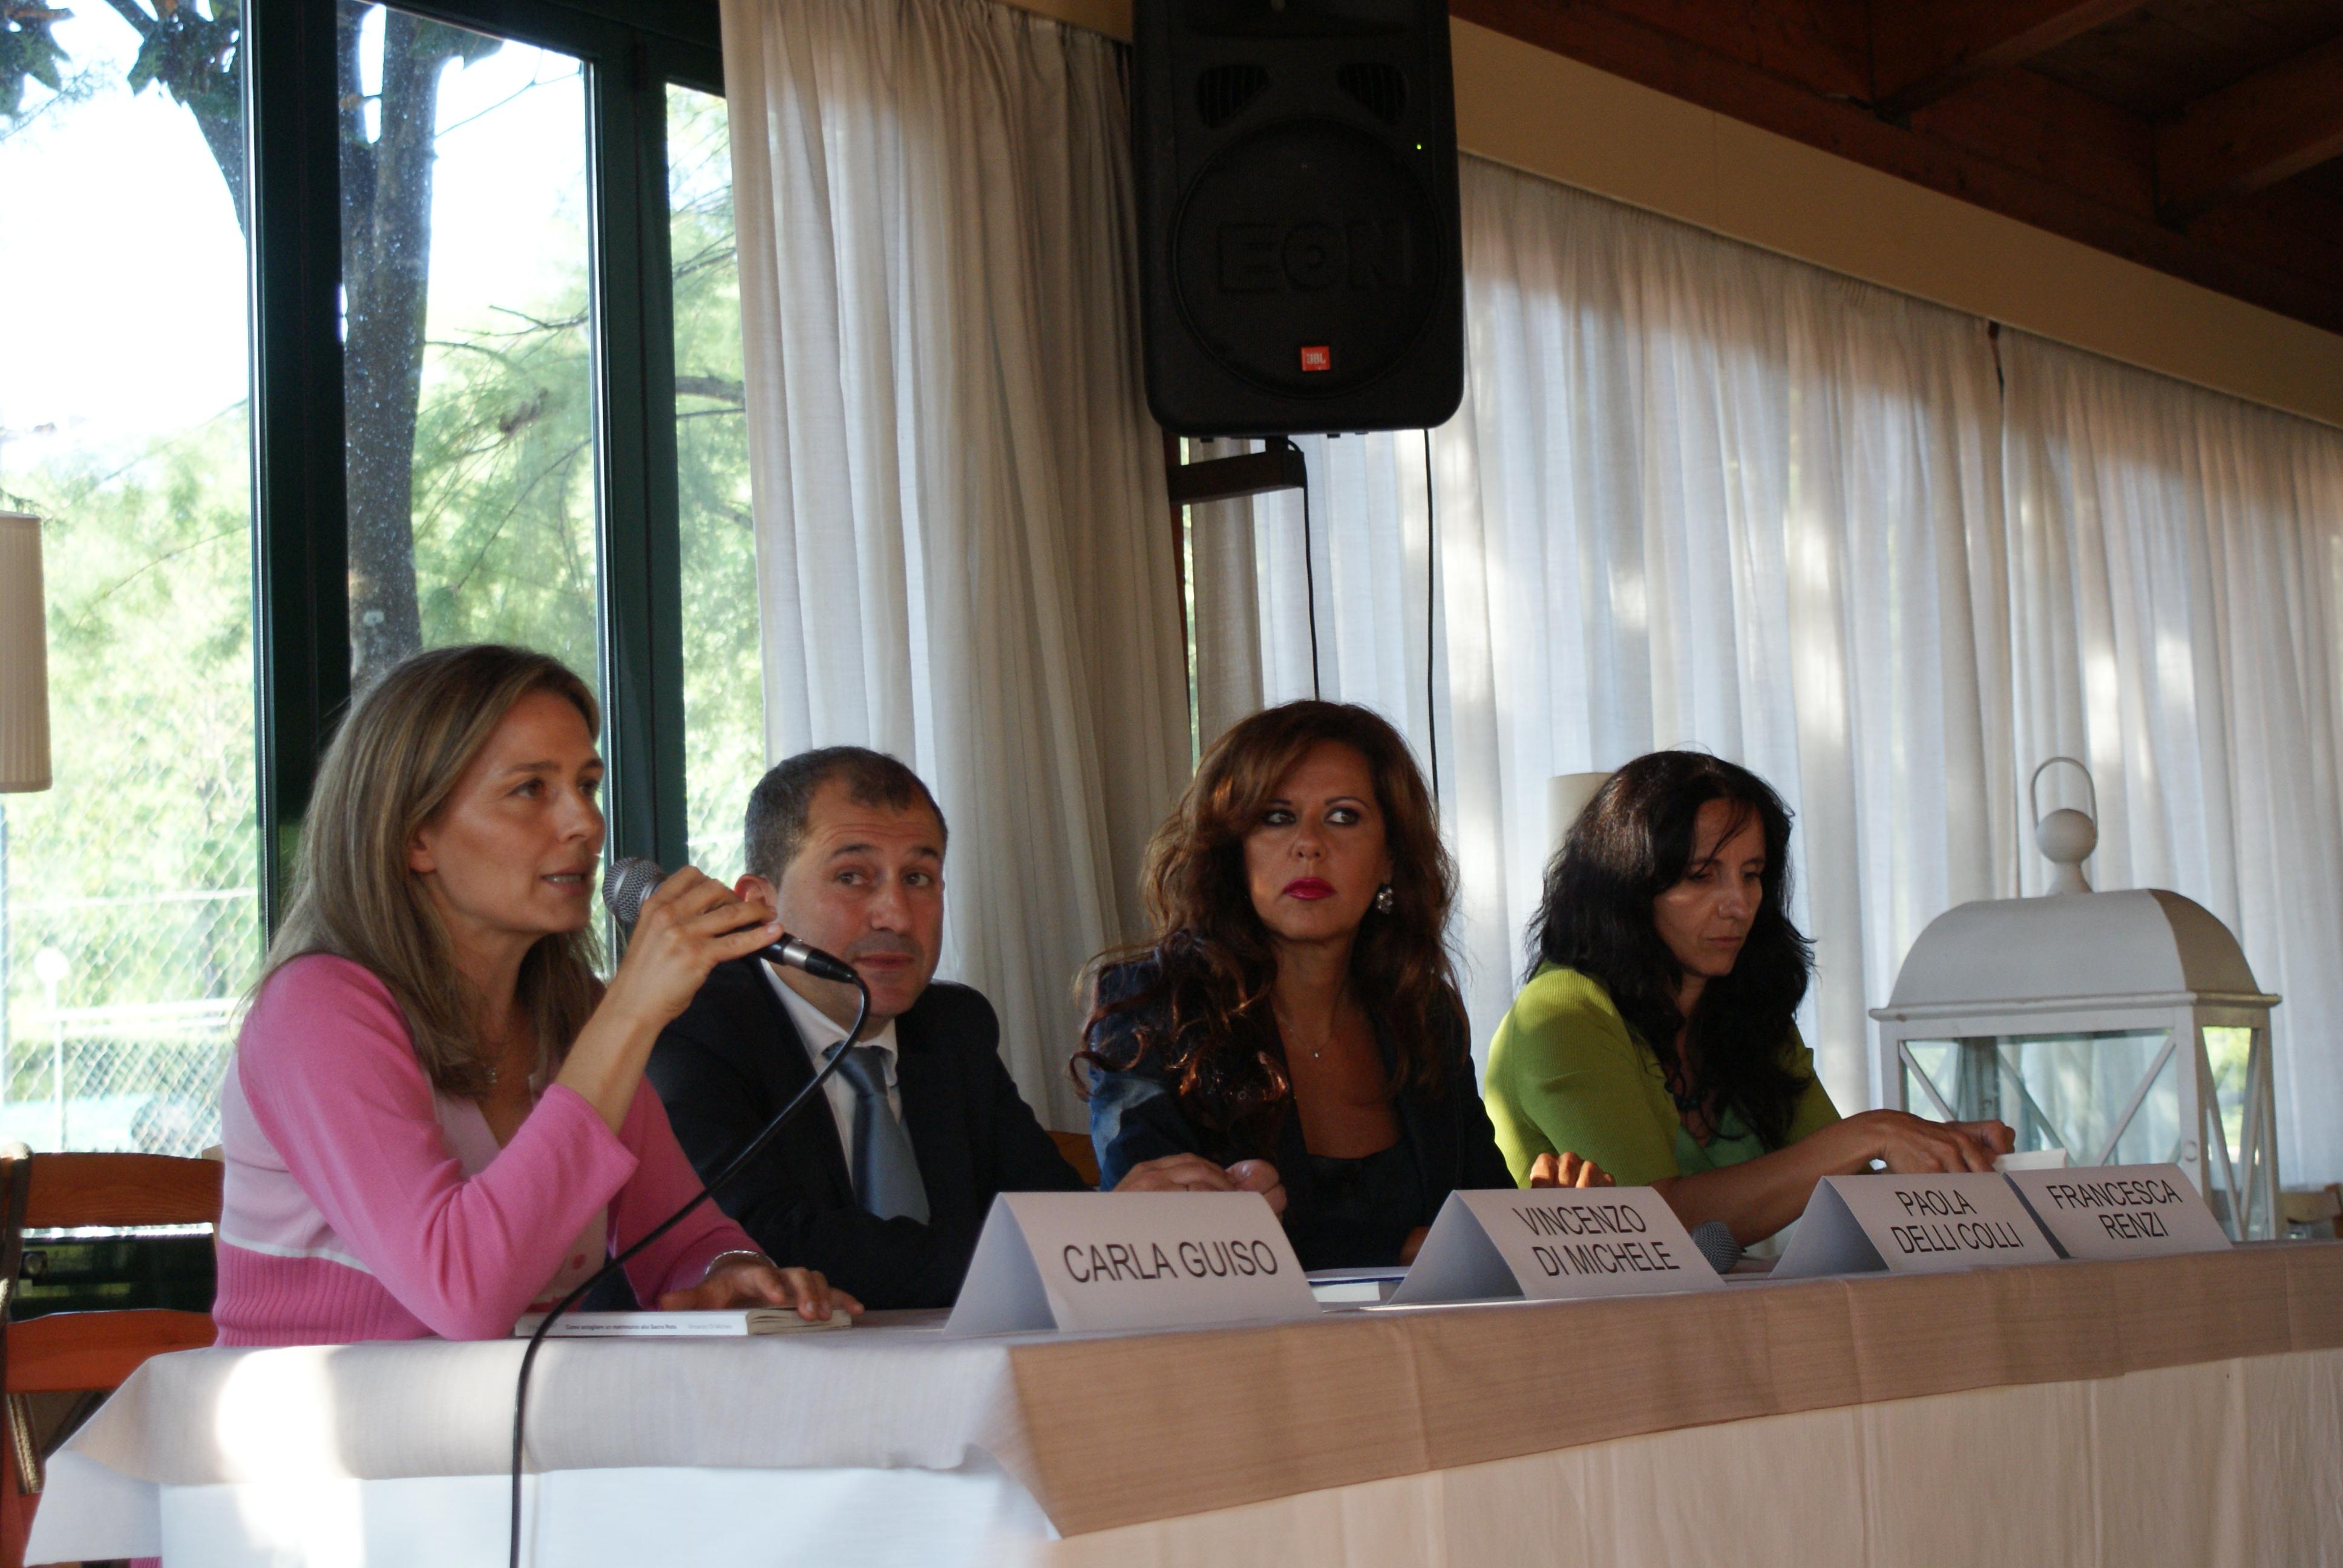 Da sinistra : l'Avvocato della Sacra Rota Carla Guiso, lo scrittore Vincenzo Di Michele, La presentatrice Tv Paola Delli Colli, l'avvocato della Sacra Rota Francesca Renzi